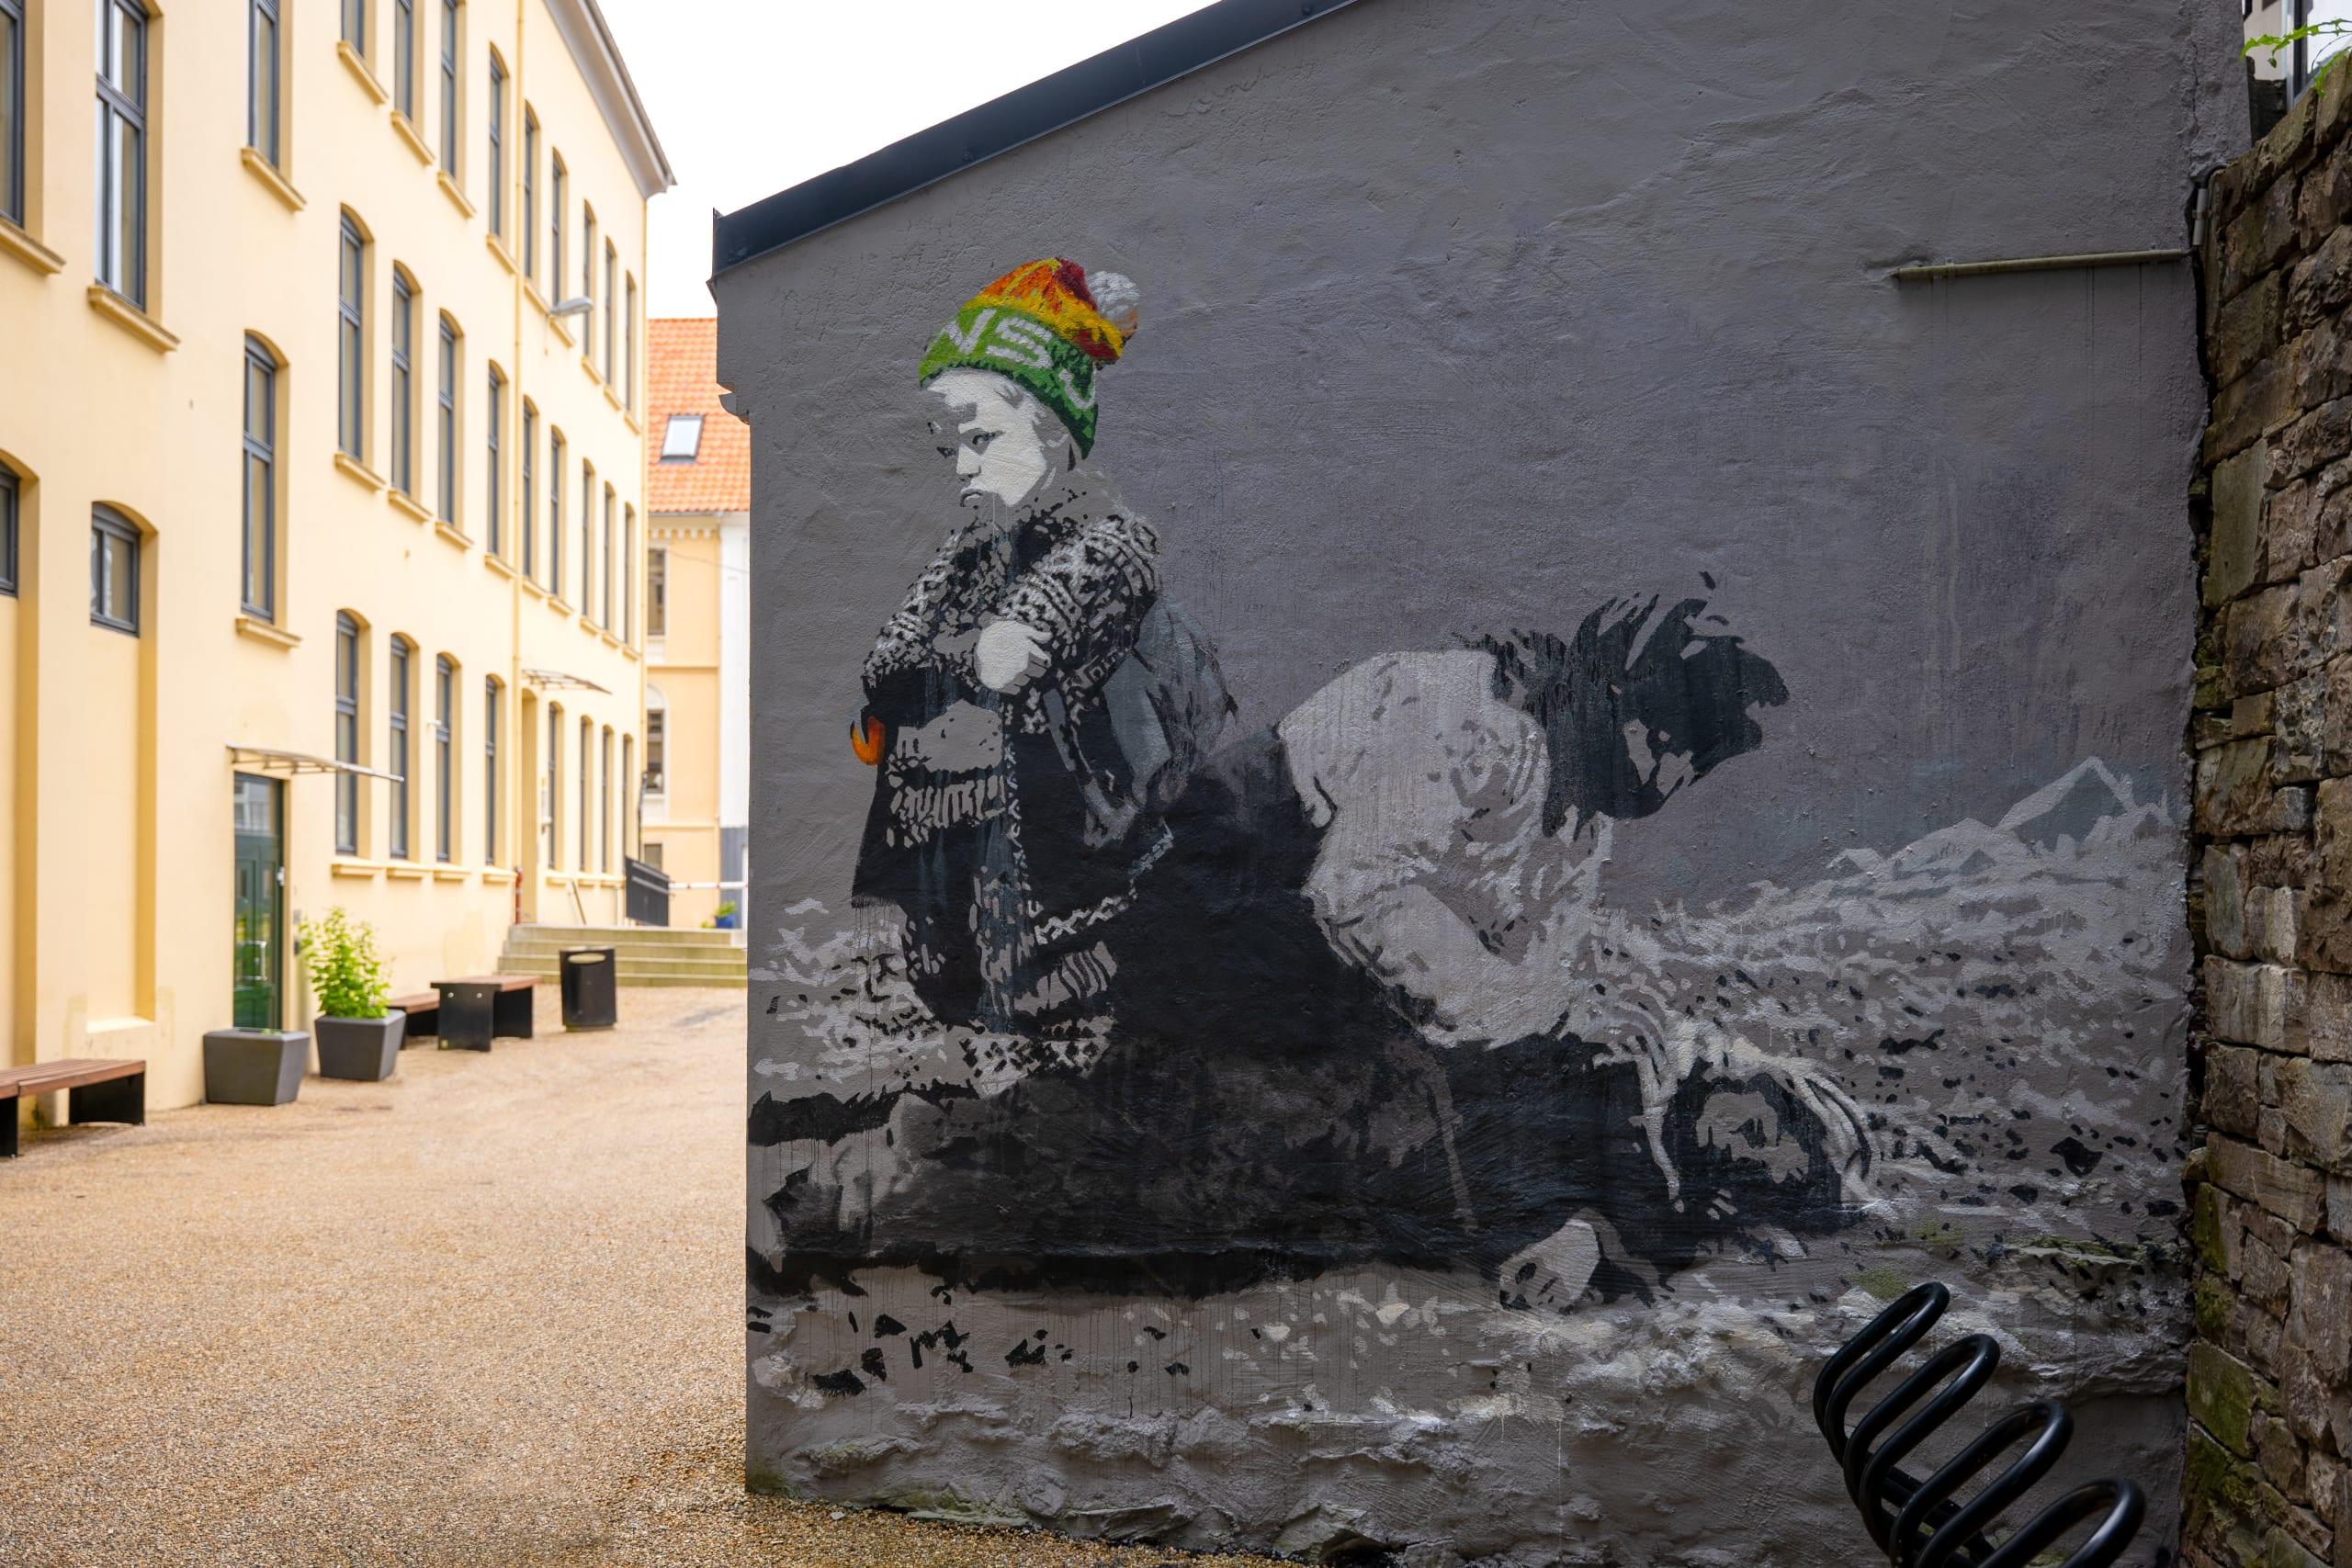 Street art in Bergen by the artist AFK